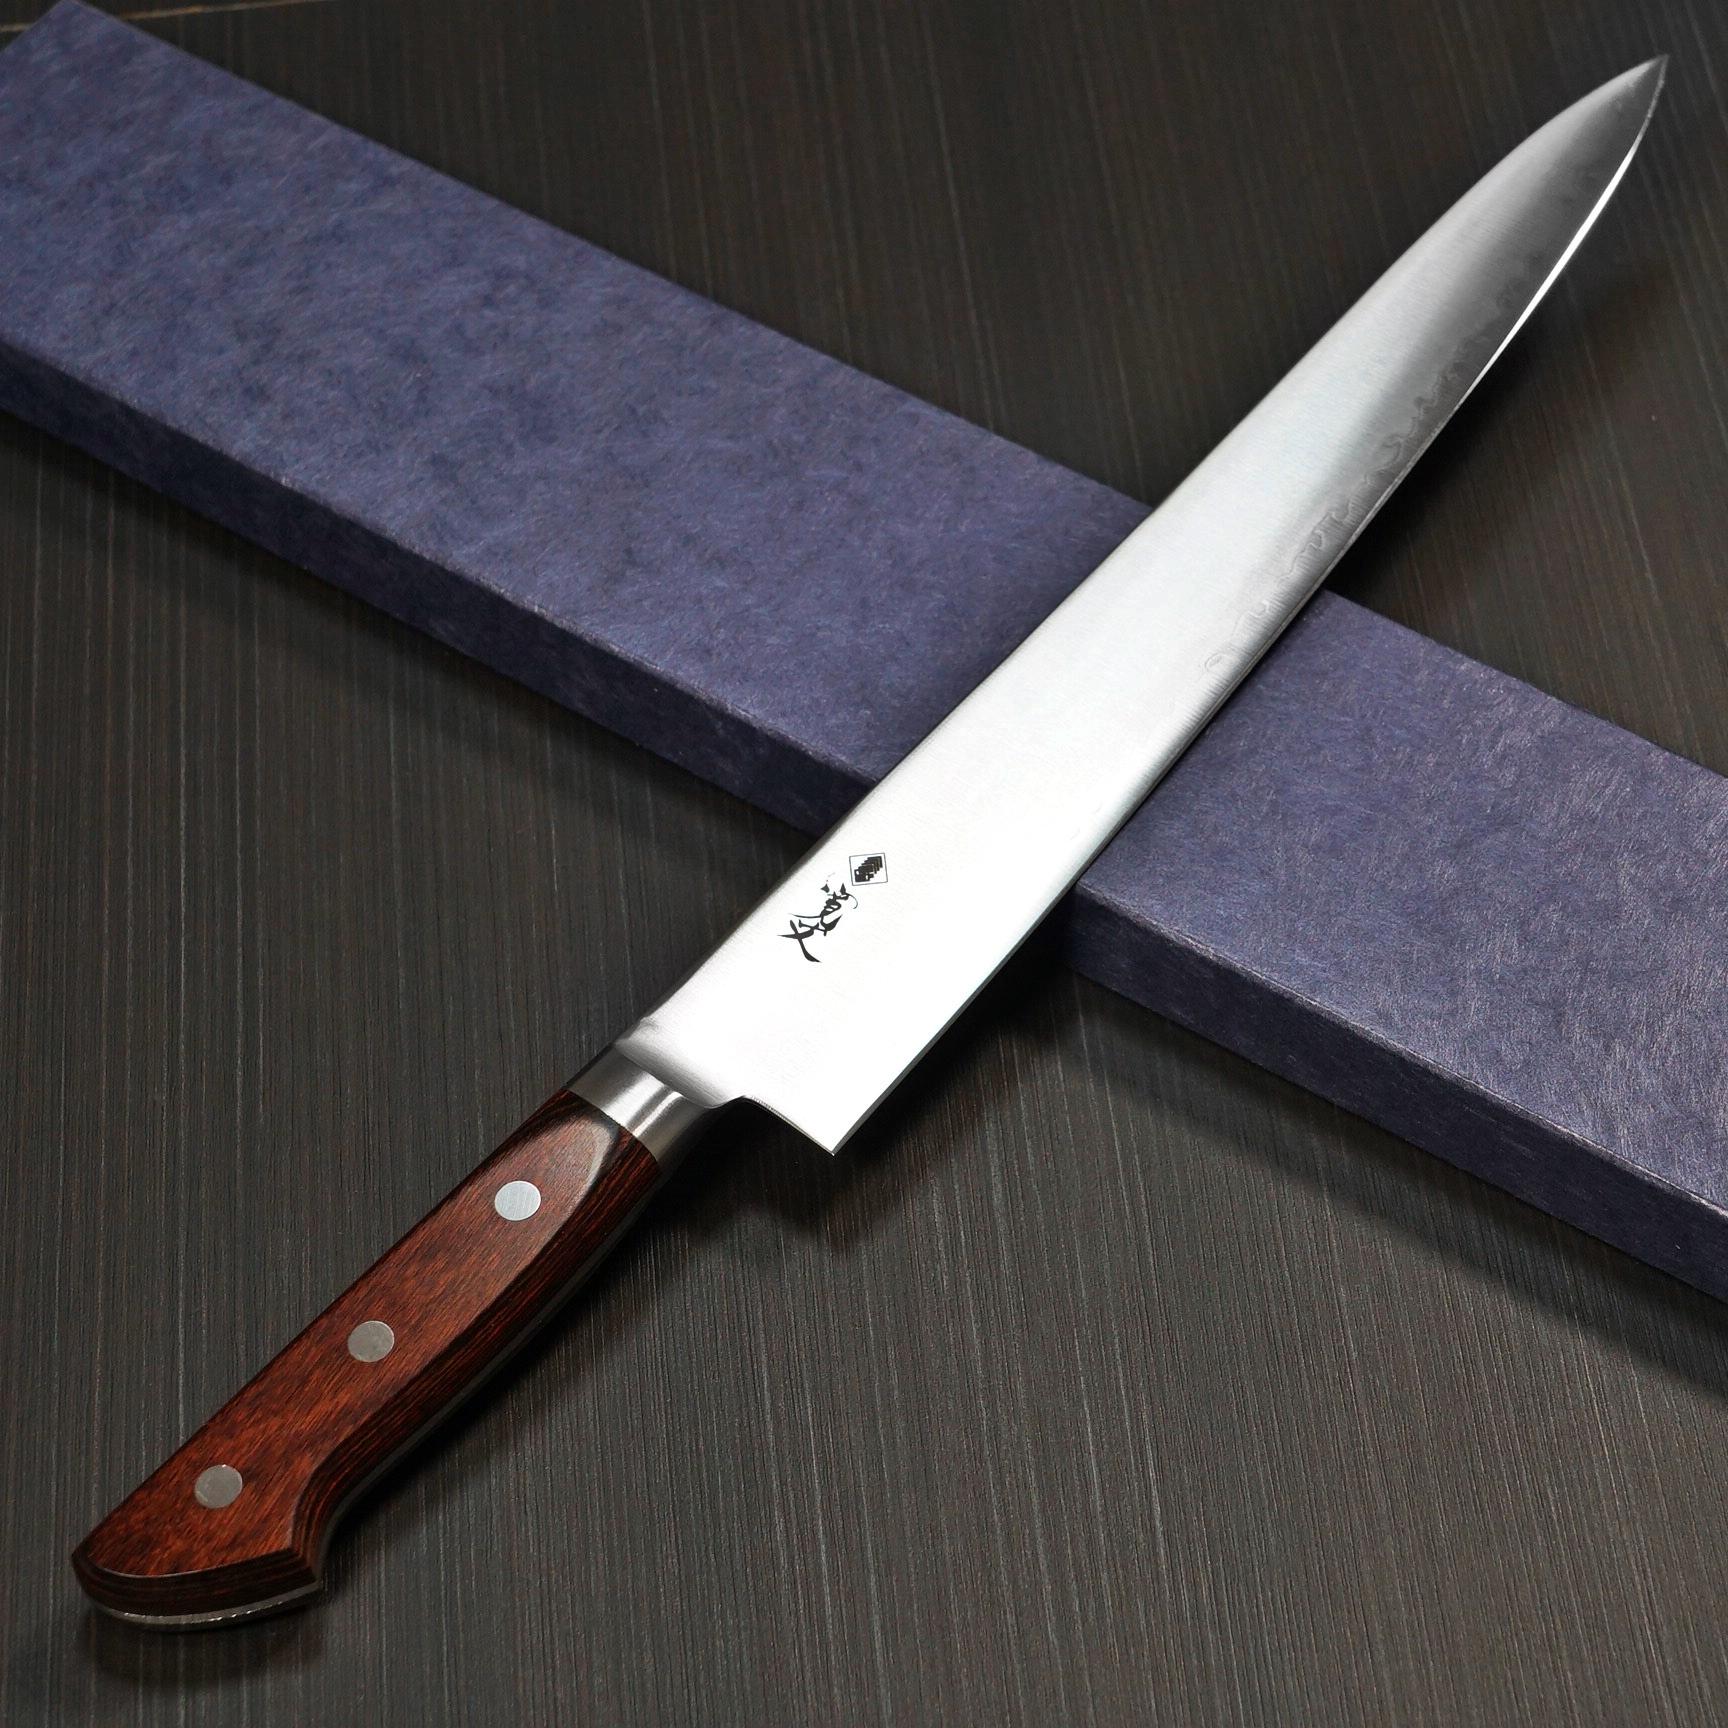 筋引 粉末ハイス 青紙スーパー 日本製 口金付き 270mm 関市 プロ仕様 寛丈 本刃付け 包丁